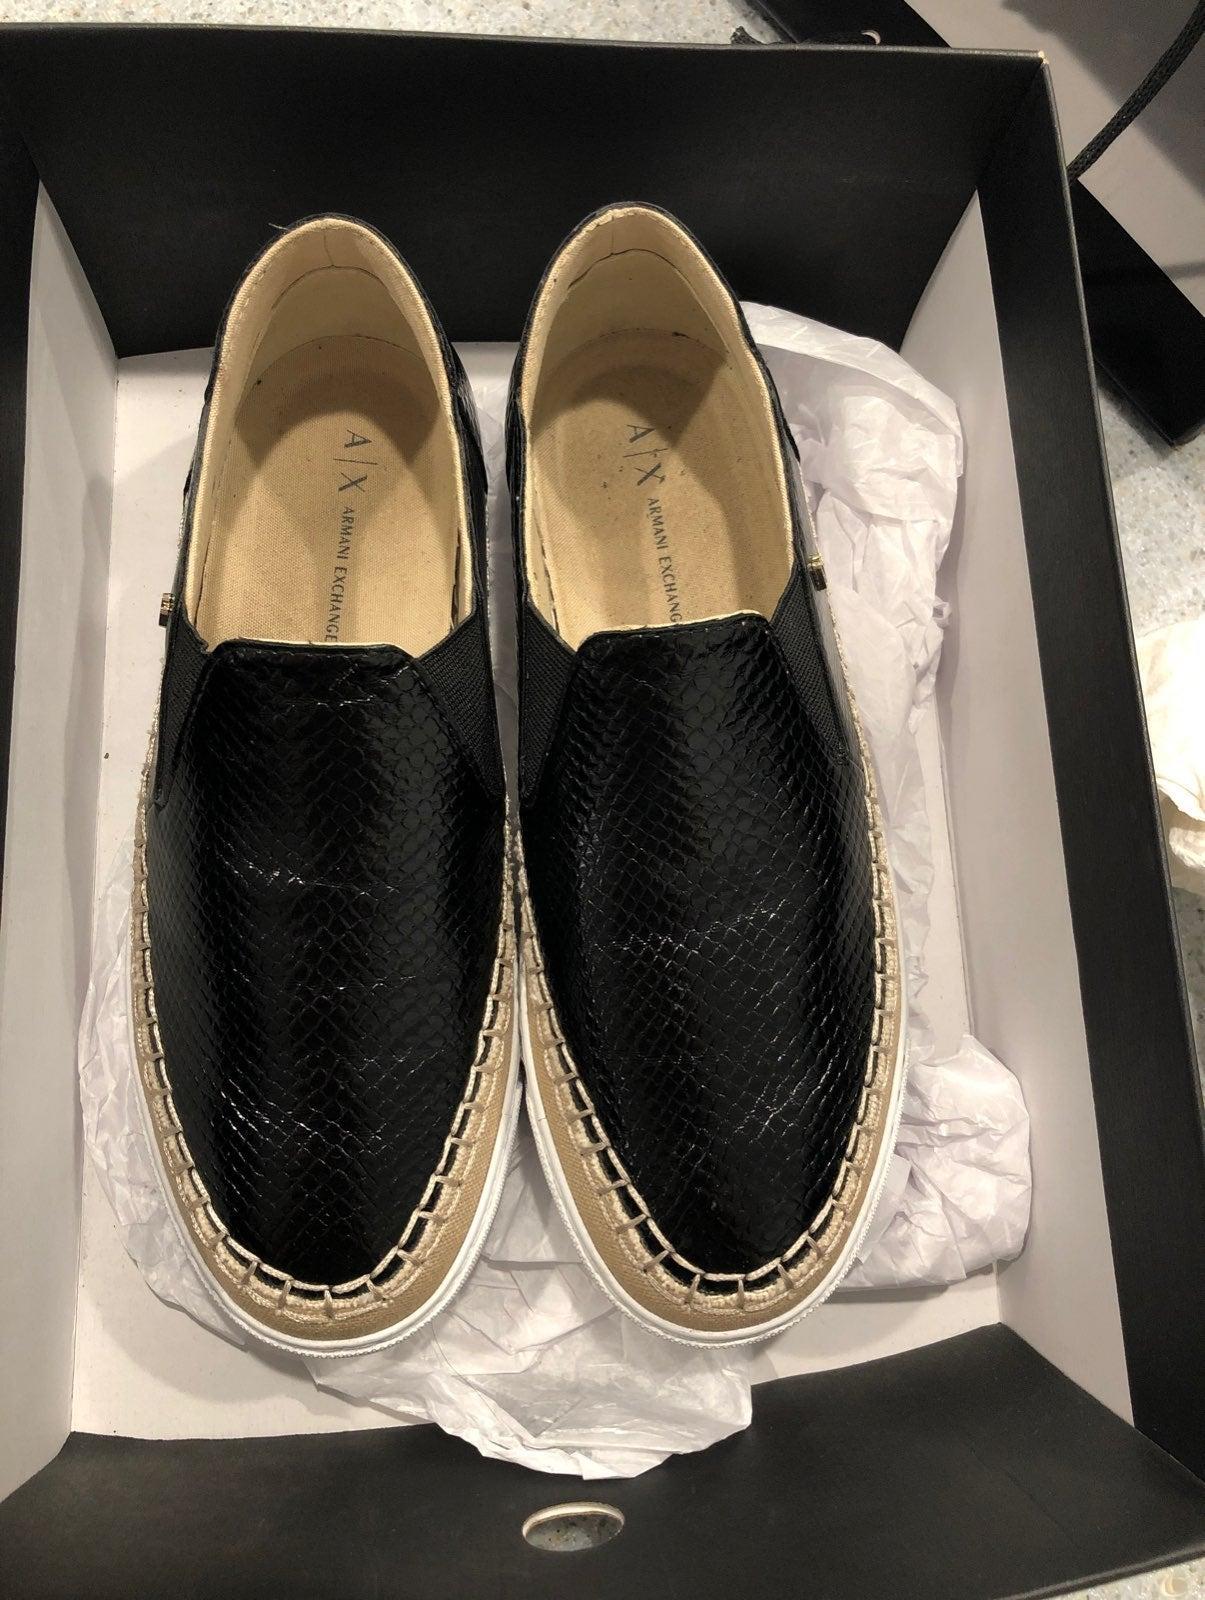 armani exchange shoes